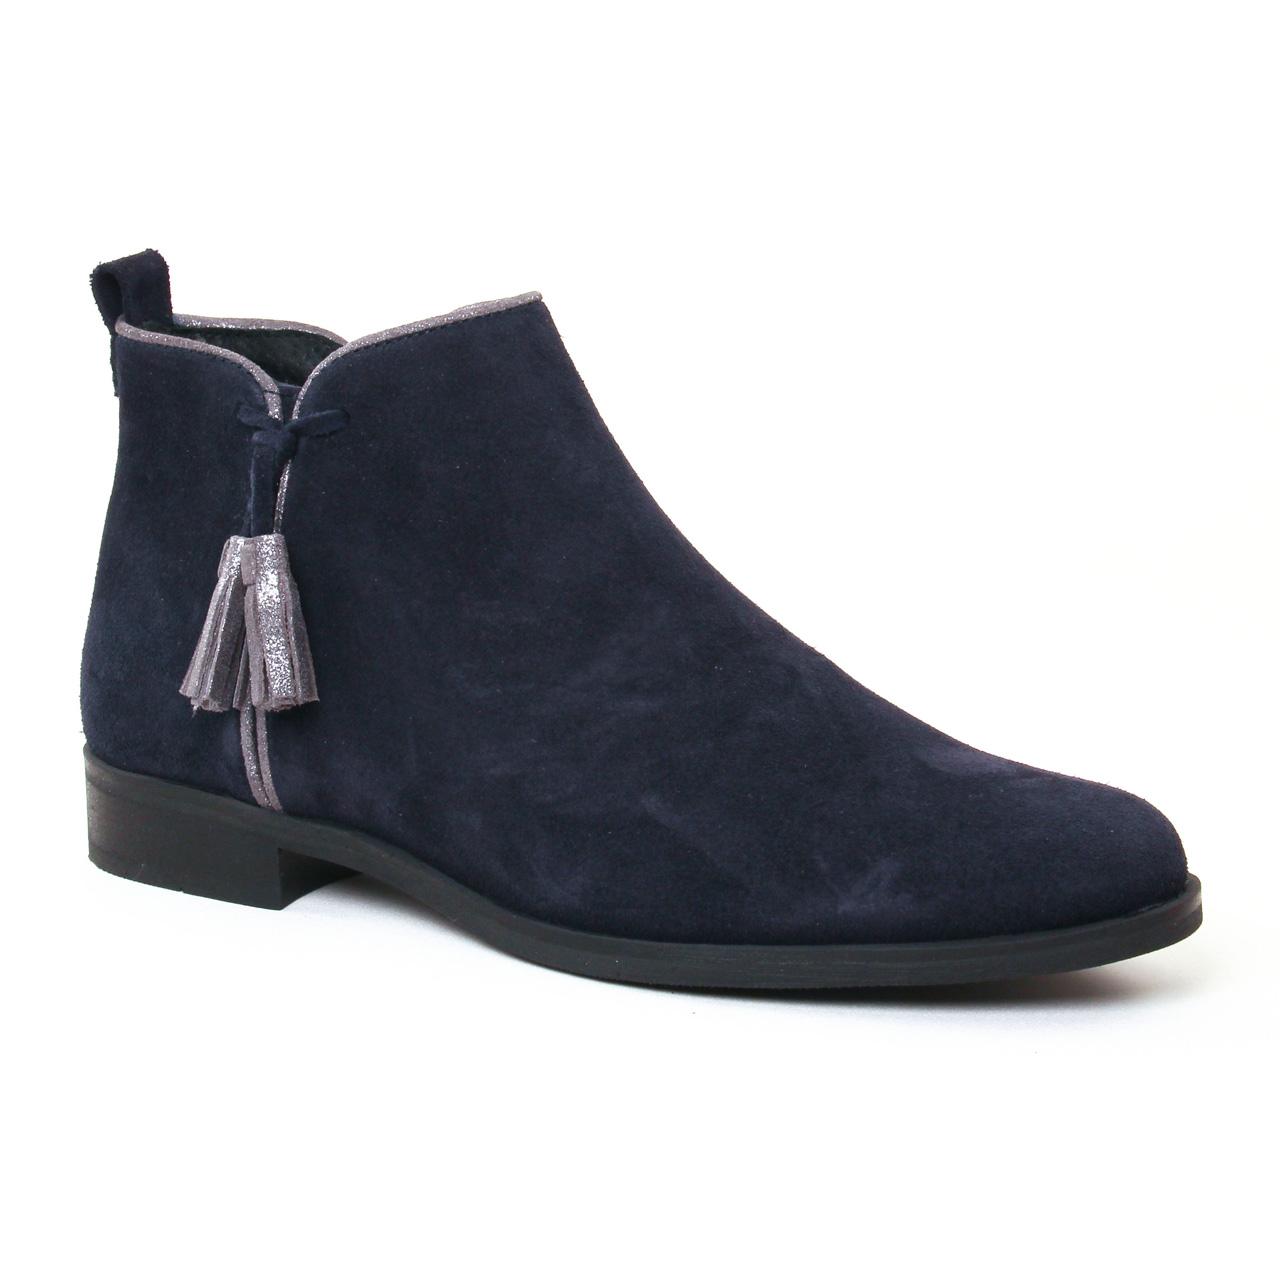 scarlatine 7658 marine low boots bleu gris argent automne hiver chez trois par 3. Black Bedroom Furniture Sets. Home Design Ideas